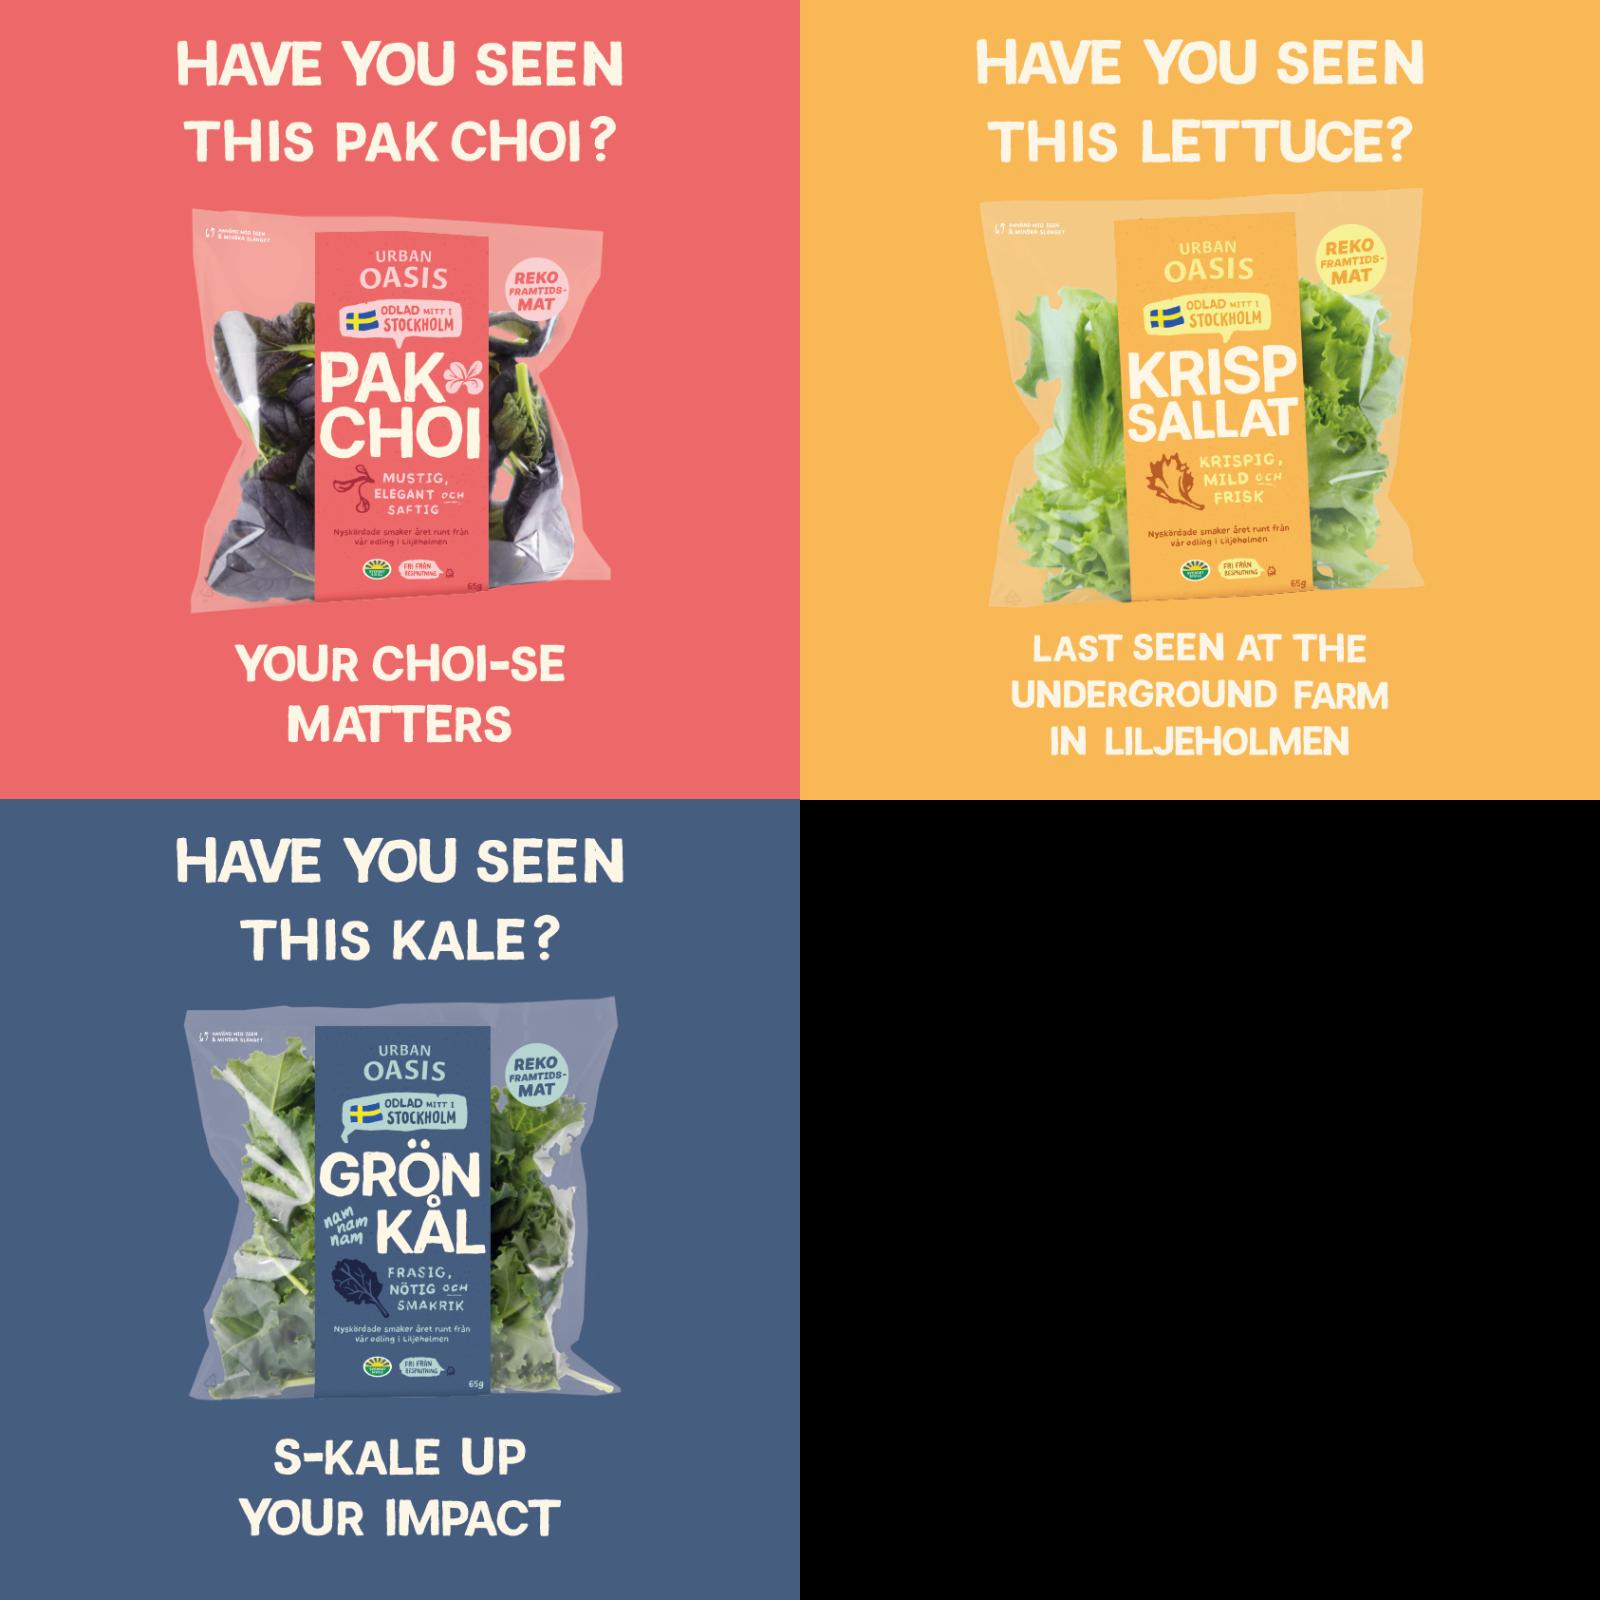 Varumärkeskännedom för Urban Oasis. Kampanj för sociala medier. Bild: Breakout Agency.